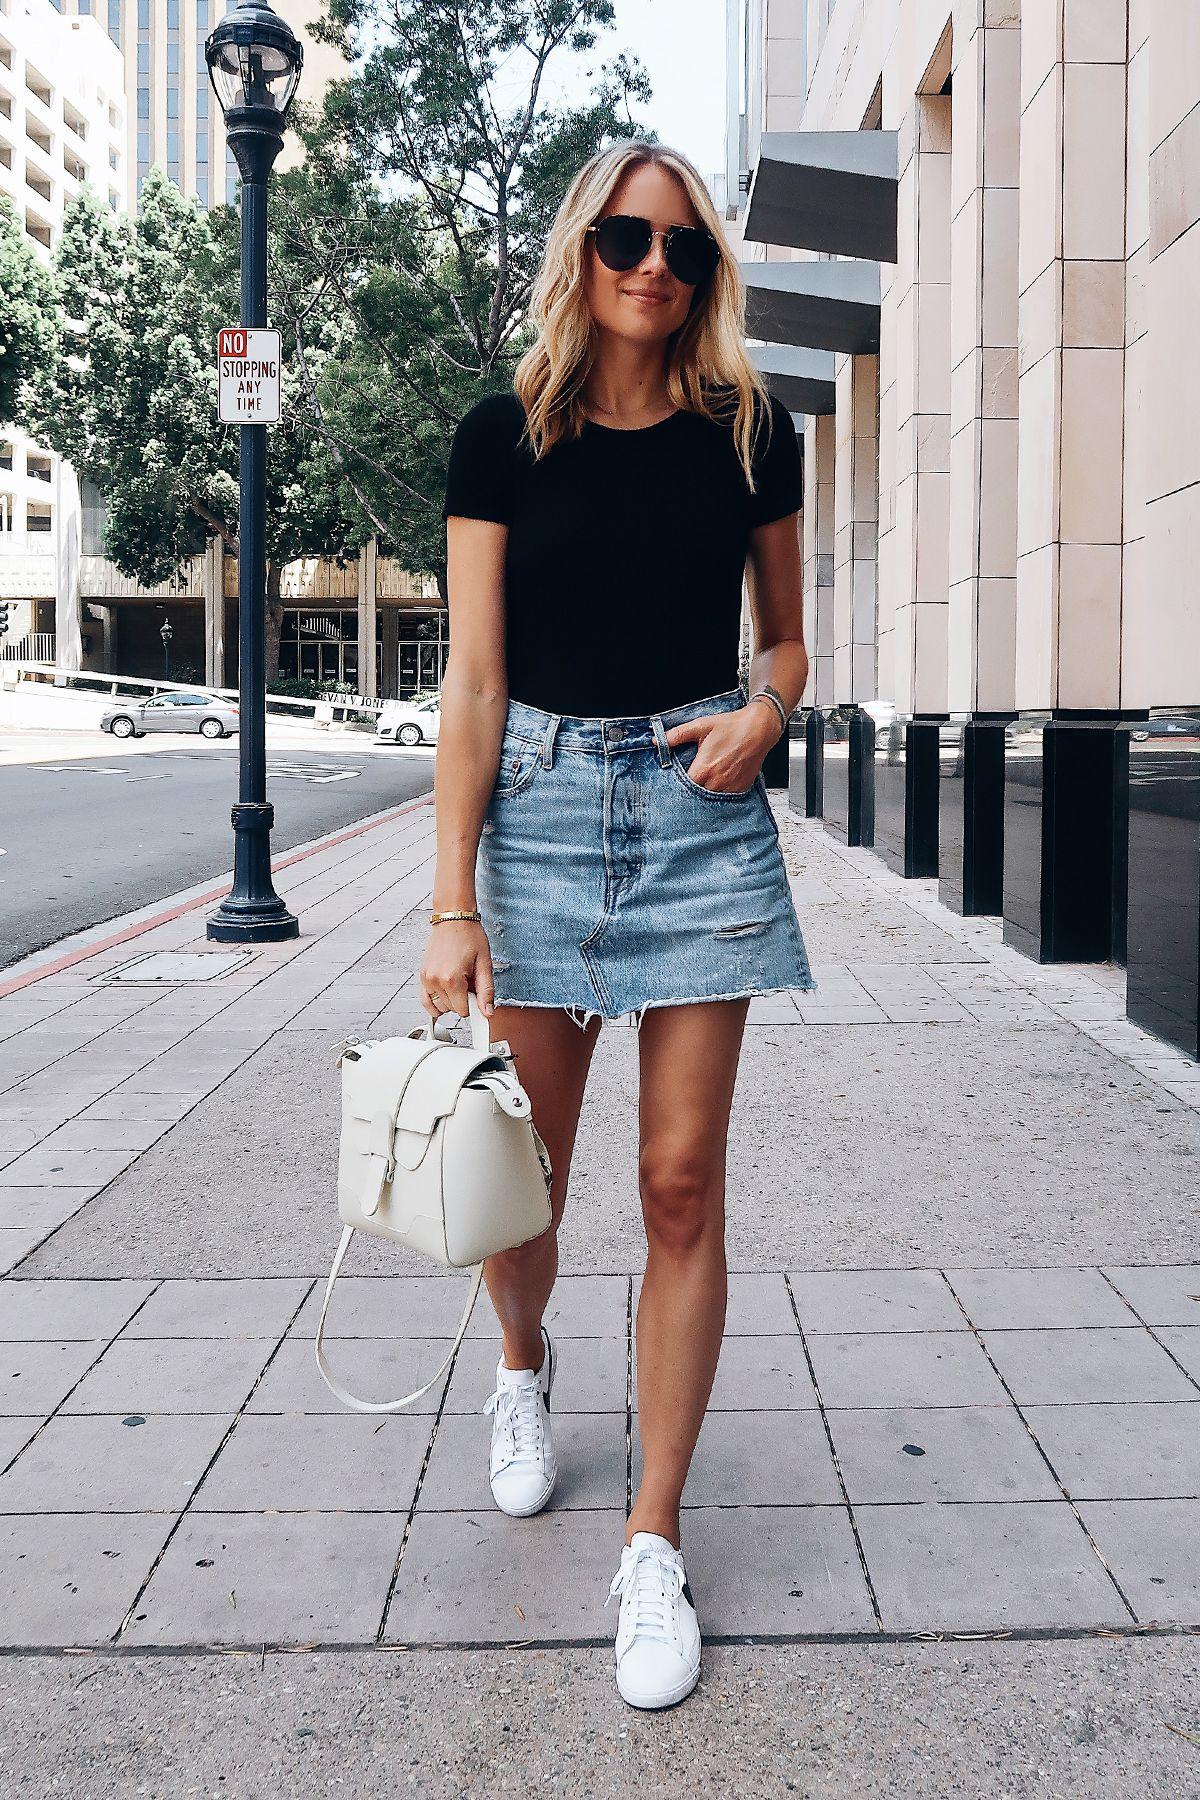 Denim skirt fashion